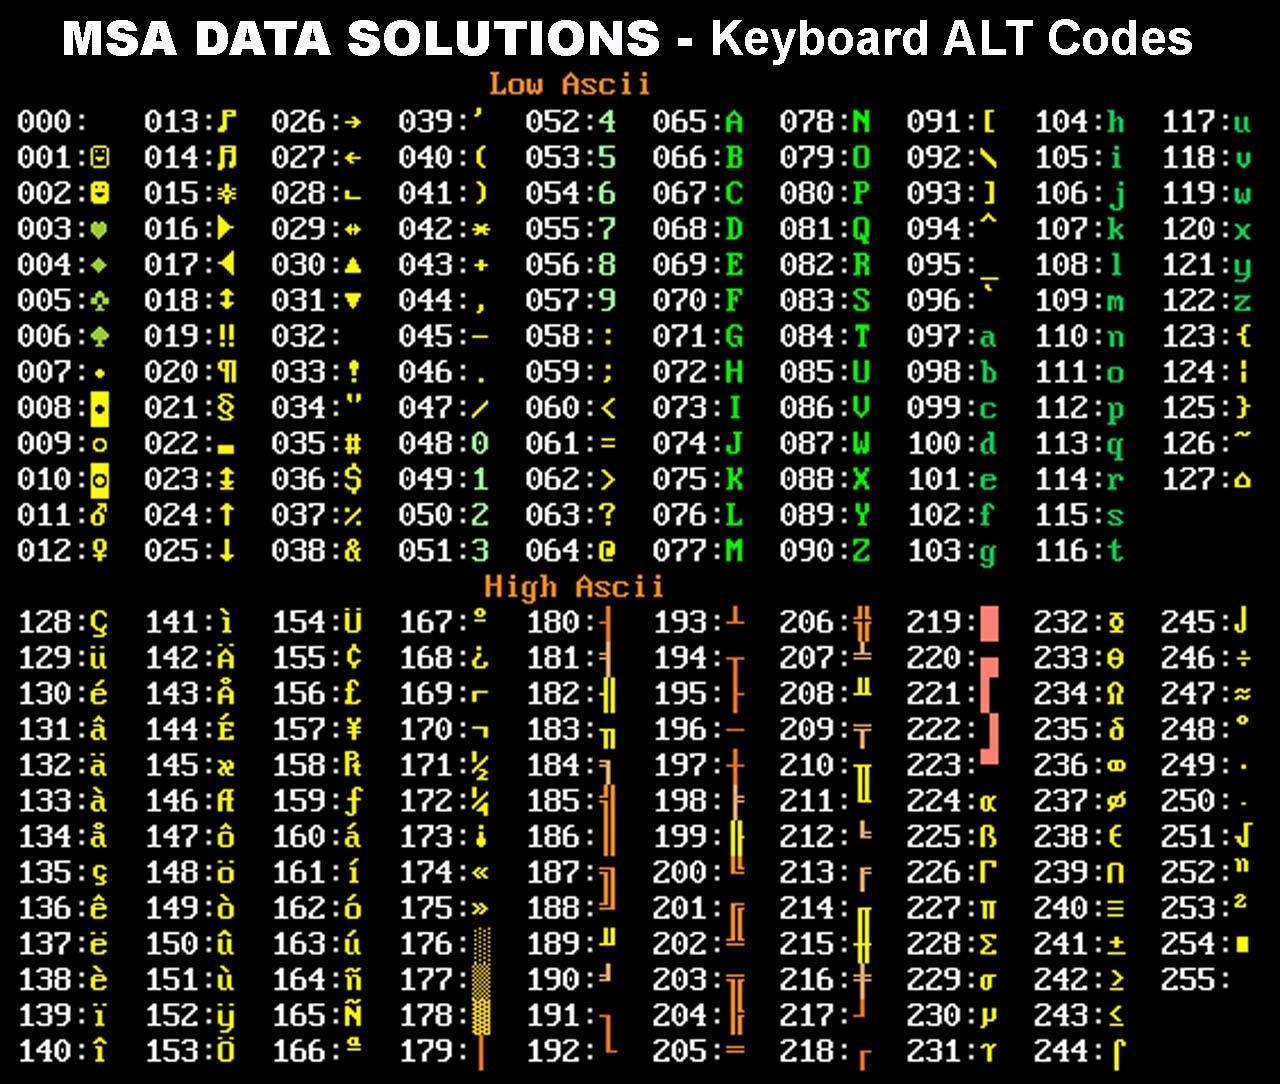 Keyboard Alt Codes